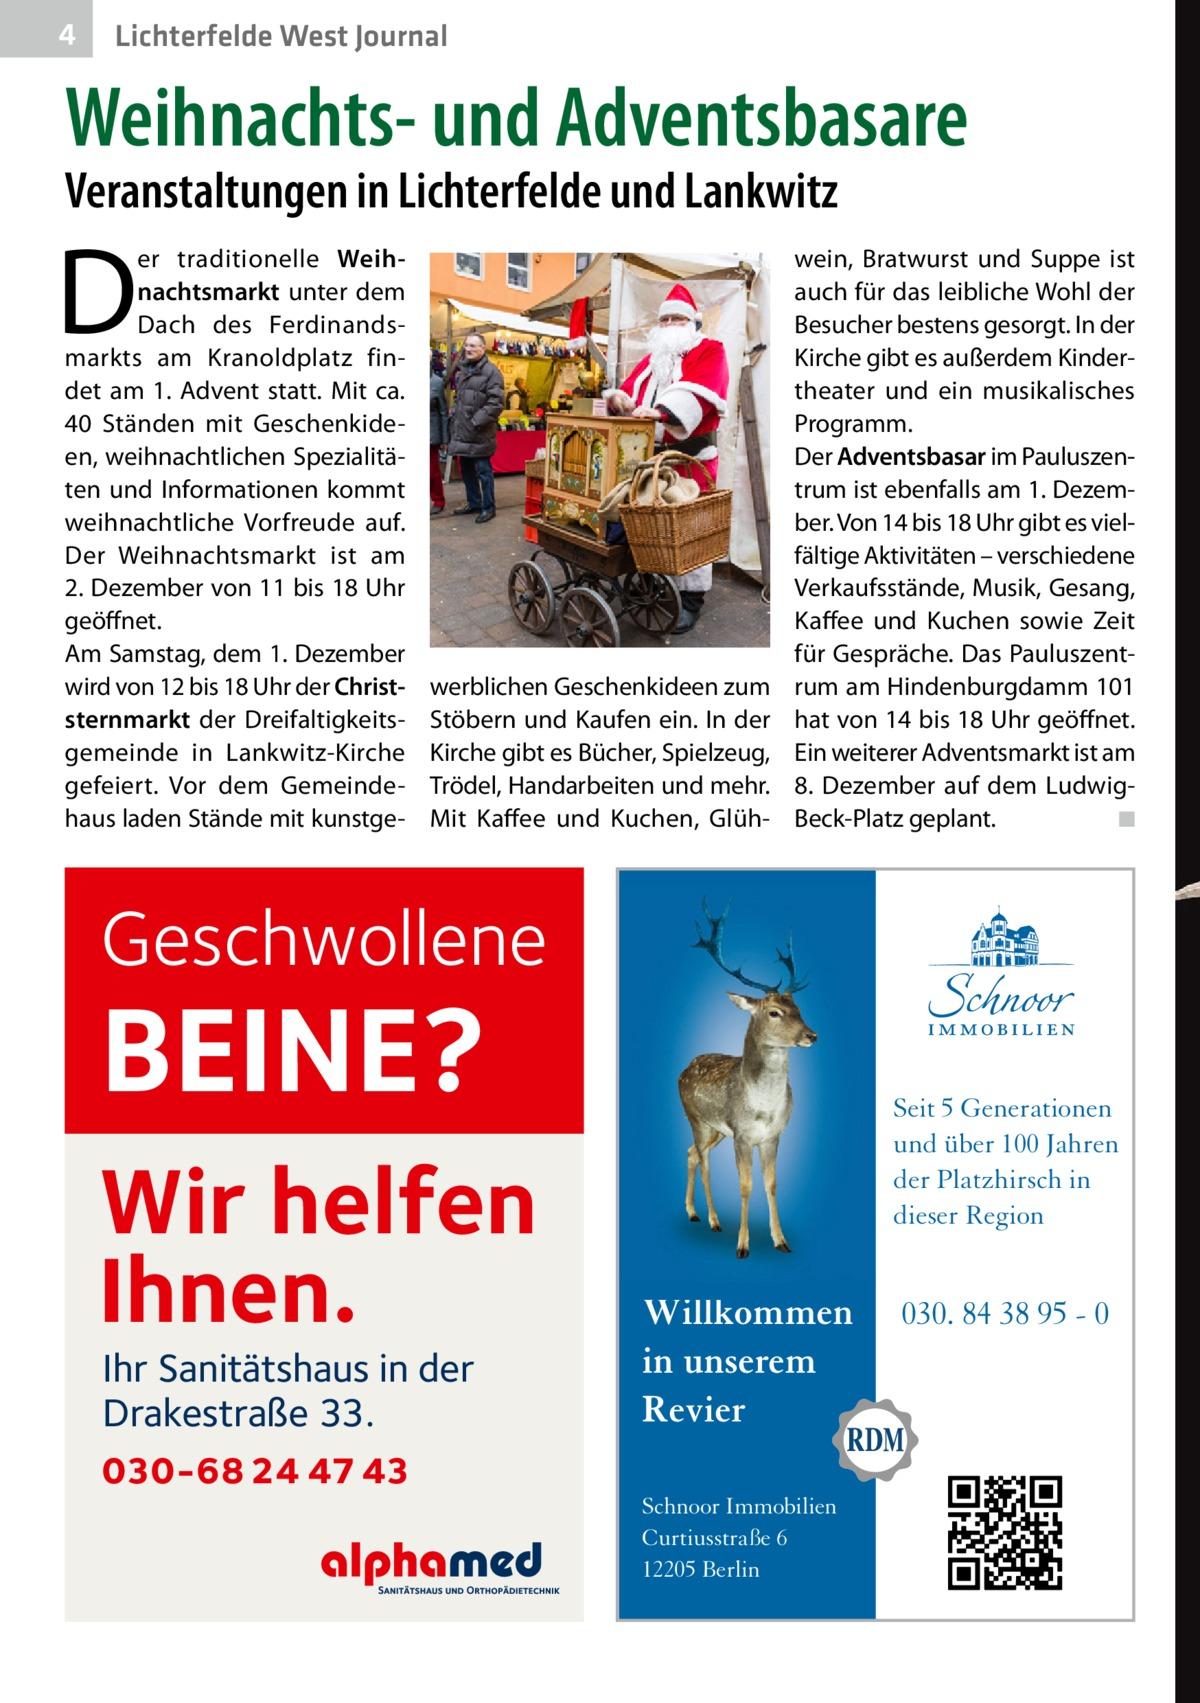 4  Lichterfelde West Journal  Weihnachts- und Adventsbasare Veranstaltungen in Lichterfelde und Lankwitz  D  er traditionelle Weihnachtsmarkt unter dem Dach des Ferdinandsmarkts am Kranoldplatz findet am 1. Advent statt. Mit ca. 40 Ständen mit Geschenkideen, weihnachtlichen Spezialitäten und Informationen kommt weihnachtliche Vorfreude auf. Der Weihnachtsmarkt ist am 2.Dezember von 11 bis 18Uhr geöffnet. Am Samstag, dem 1.Dezember wird von 12 bis 18Uhr der Christsternmarkt der Dreifaltigkeitsgemeinde in Lankwitz-Kirche gefeiert. Vor dem Gemeindehaus laden Stände mit kunstge werblichen Geschenkideen zum Stöbern und Kaufen ein. In der Kirche gibt es Bücher, Spielzeug, Trödel, Handarbeiten und mehr. Mit Kaffee und Kuchen, Glüh wein, Bratwurst und Suppe ist auch für das leibliche Wohl der Besucher bestens gesorgt. In der Kirche gibt es außerdem Kindertheater und ein musikalisches Programm. Der Adventsbasar im Pauluszentrum ist ebenfalls am 1.Dezember. Von 14 bis 18Uhr gibt es vielfältige Aktivitäten – verschiedene Verkaufsstände, Musik, Gesang, Kaffee und Kuchen sowie Zeit für Gespräche. Das Pauluszentrum am Hindenburgdamm101 hat von 14 bis 18Uhr geöffnet. Ein weiterer Adventsmarkt ist am 8. Dezember auf dem LudwigBeck-Platz geplant.� ◾  Geschwollene  BEINE?  Wir helfen Ihnen. Ihr Sanitätshaus in der Drakestraße 33.  030-68 24 47 43  Seit 5 Generationen und über 100 Jahren der Platzhirsch in dieser Region  Willkommen in unserem Revier Schnoor Immobilien Curtiusstraße 6 12205 Berlin  030. 84 38 95 - 0